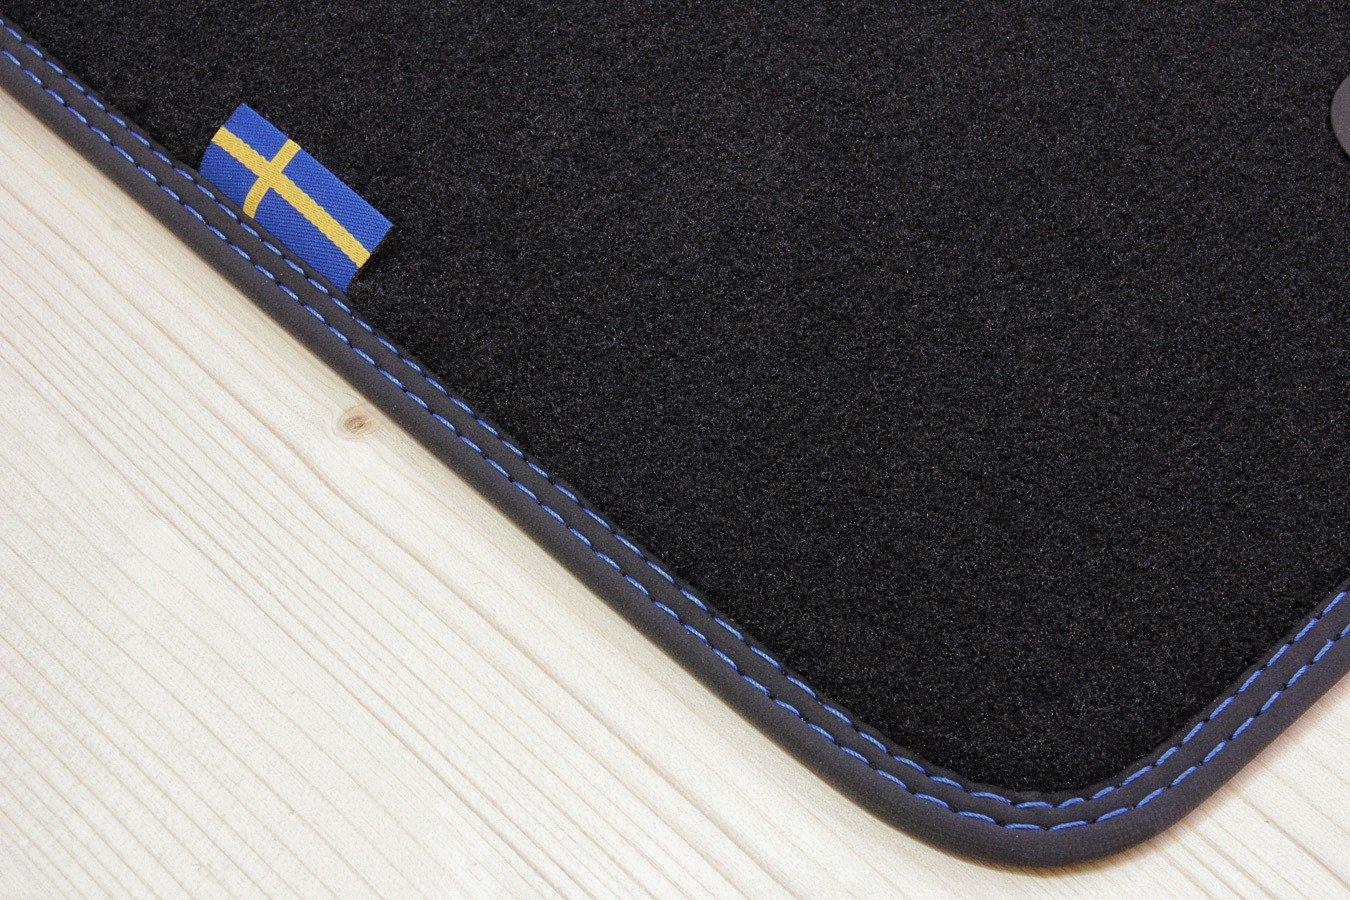 Tuning-Art D103 Svezia Design Tappetini con Bordatura Lettering e Doppia Cucitura